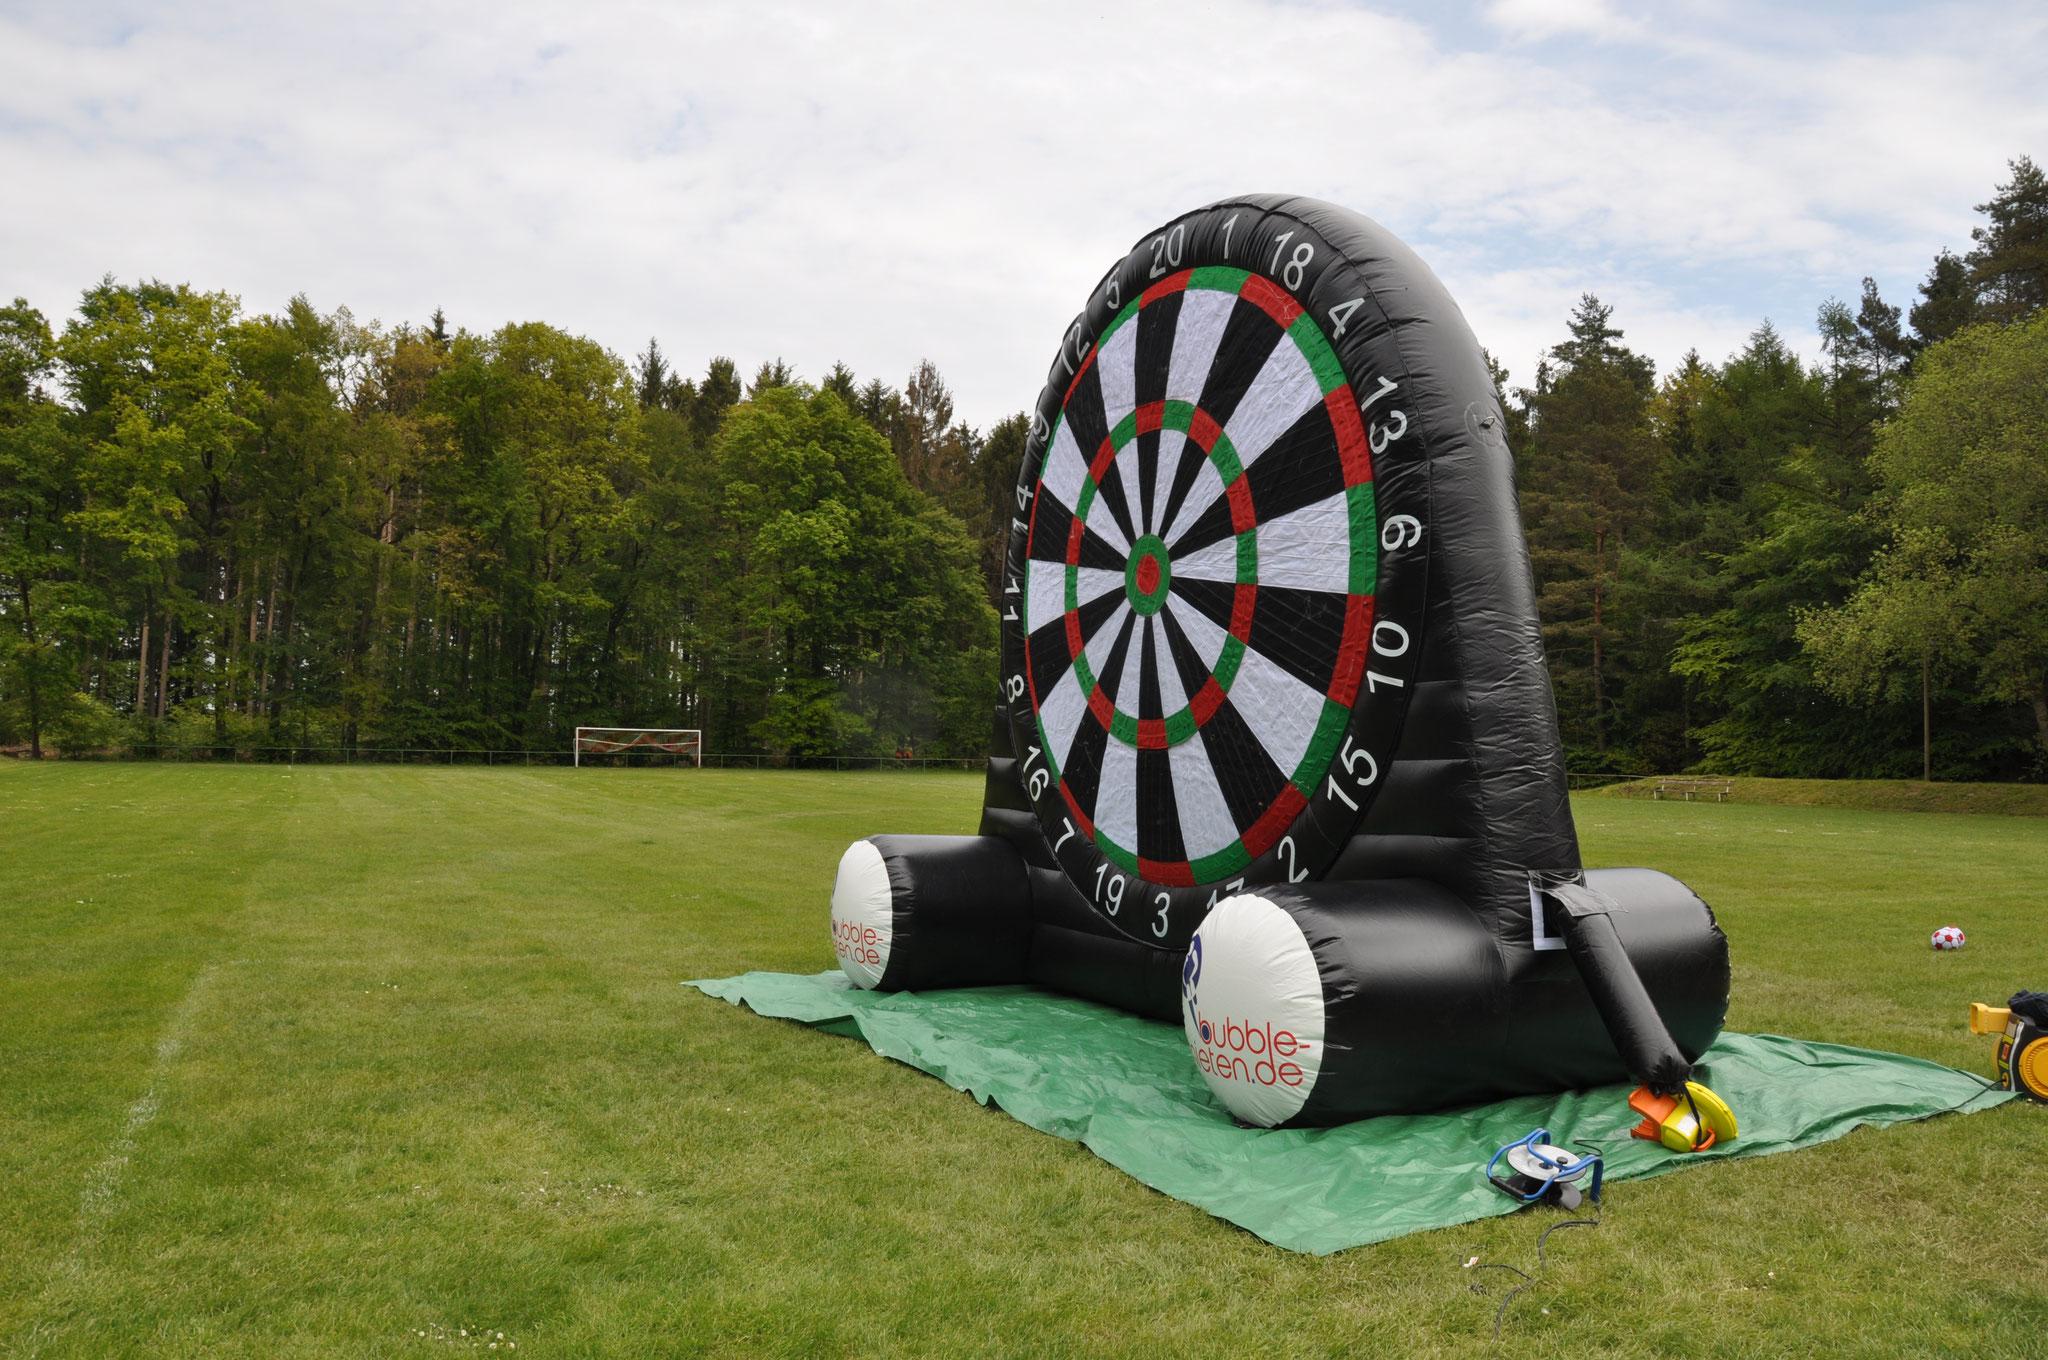 Fussball Dart Mieten By Www Huepf Spass Com Hupfburg